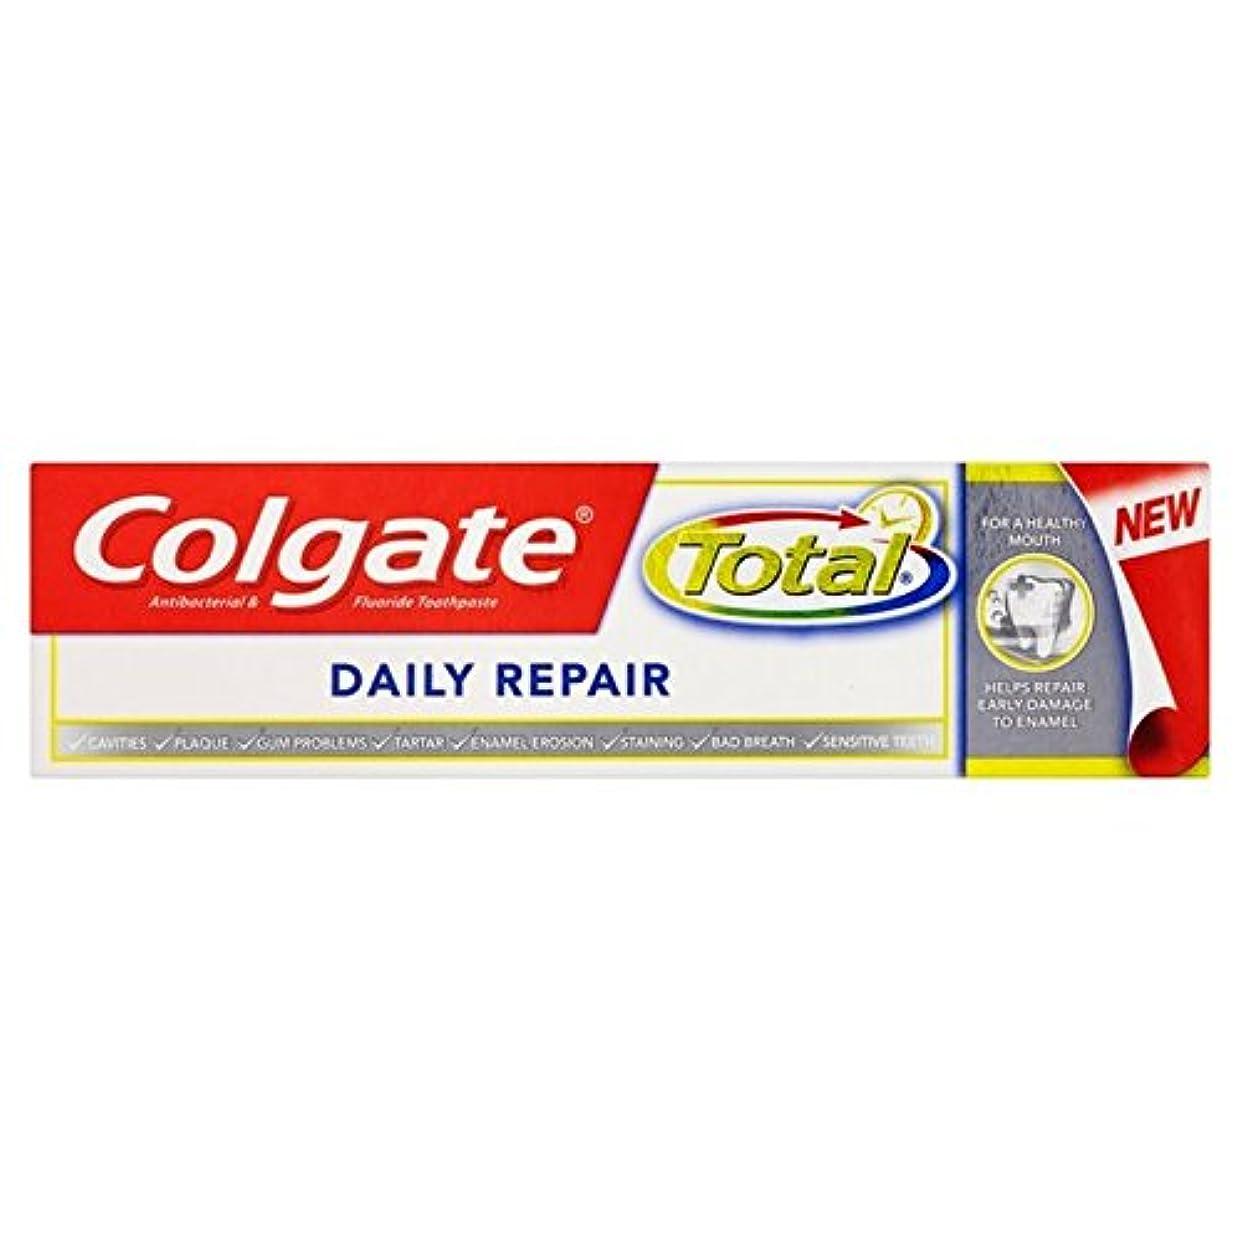 マトロン普及忘れられないコルゲートトータル毎日修理歯磨き粉75ミリリットル x2 - Colgate Total Daily Repair Toothpaste 75ml (Pack of 2) [並行輸入品]